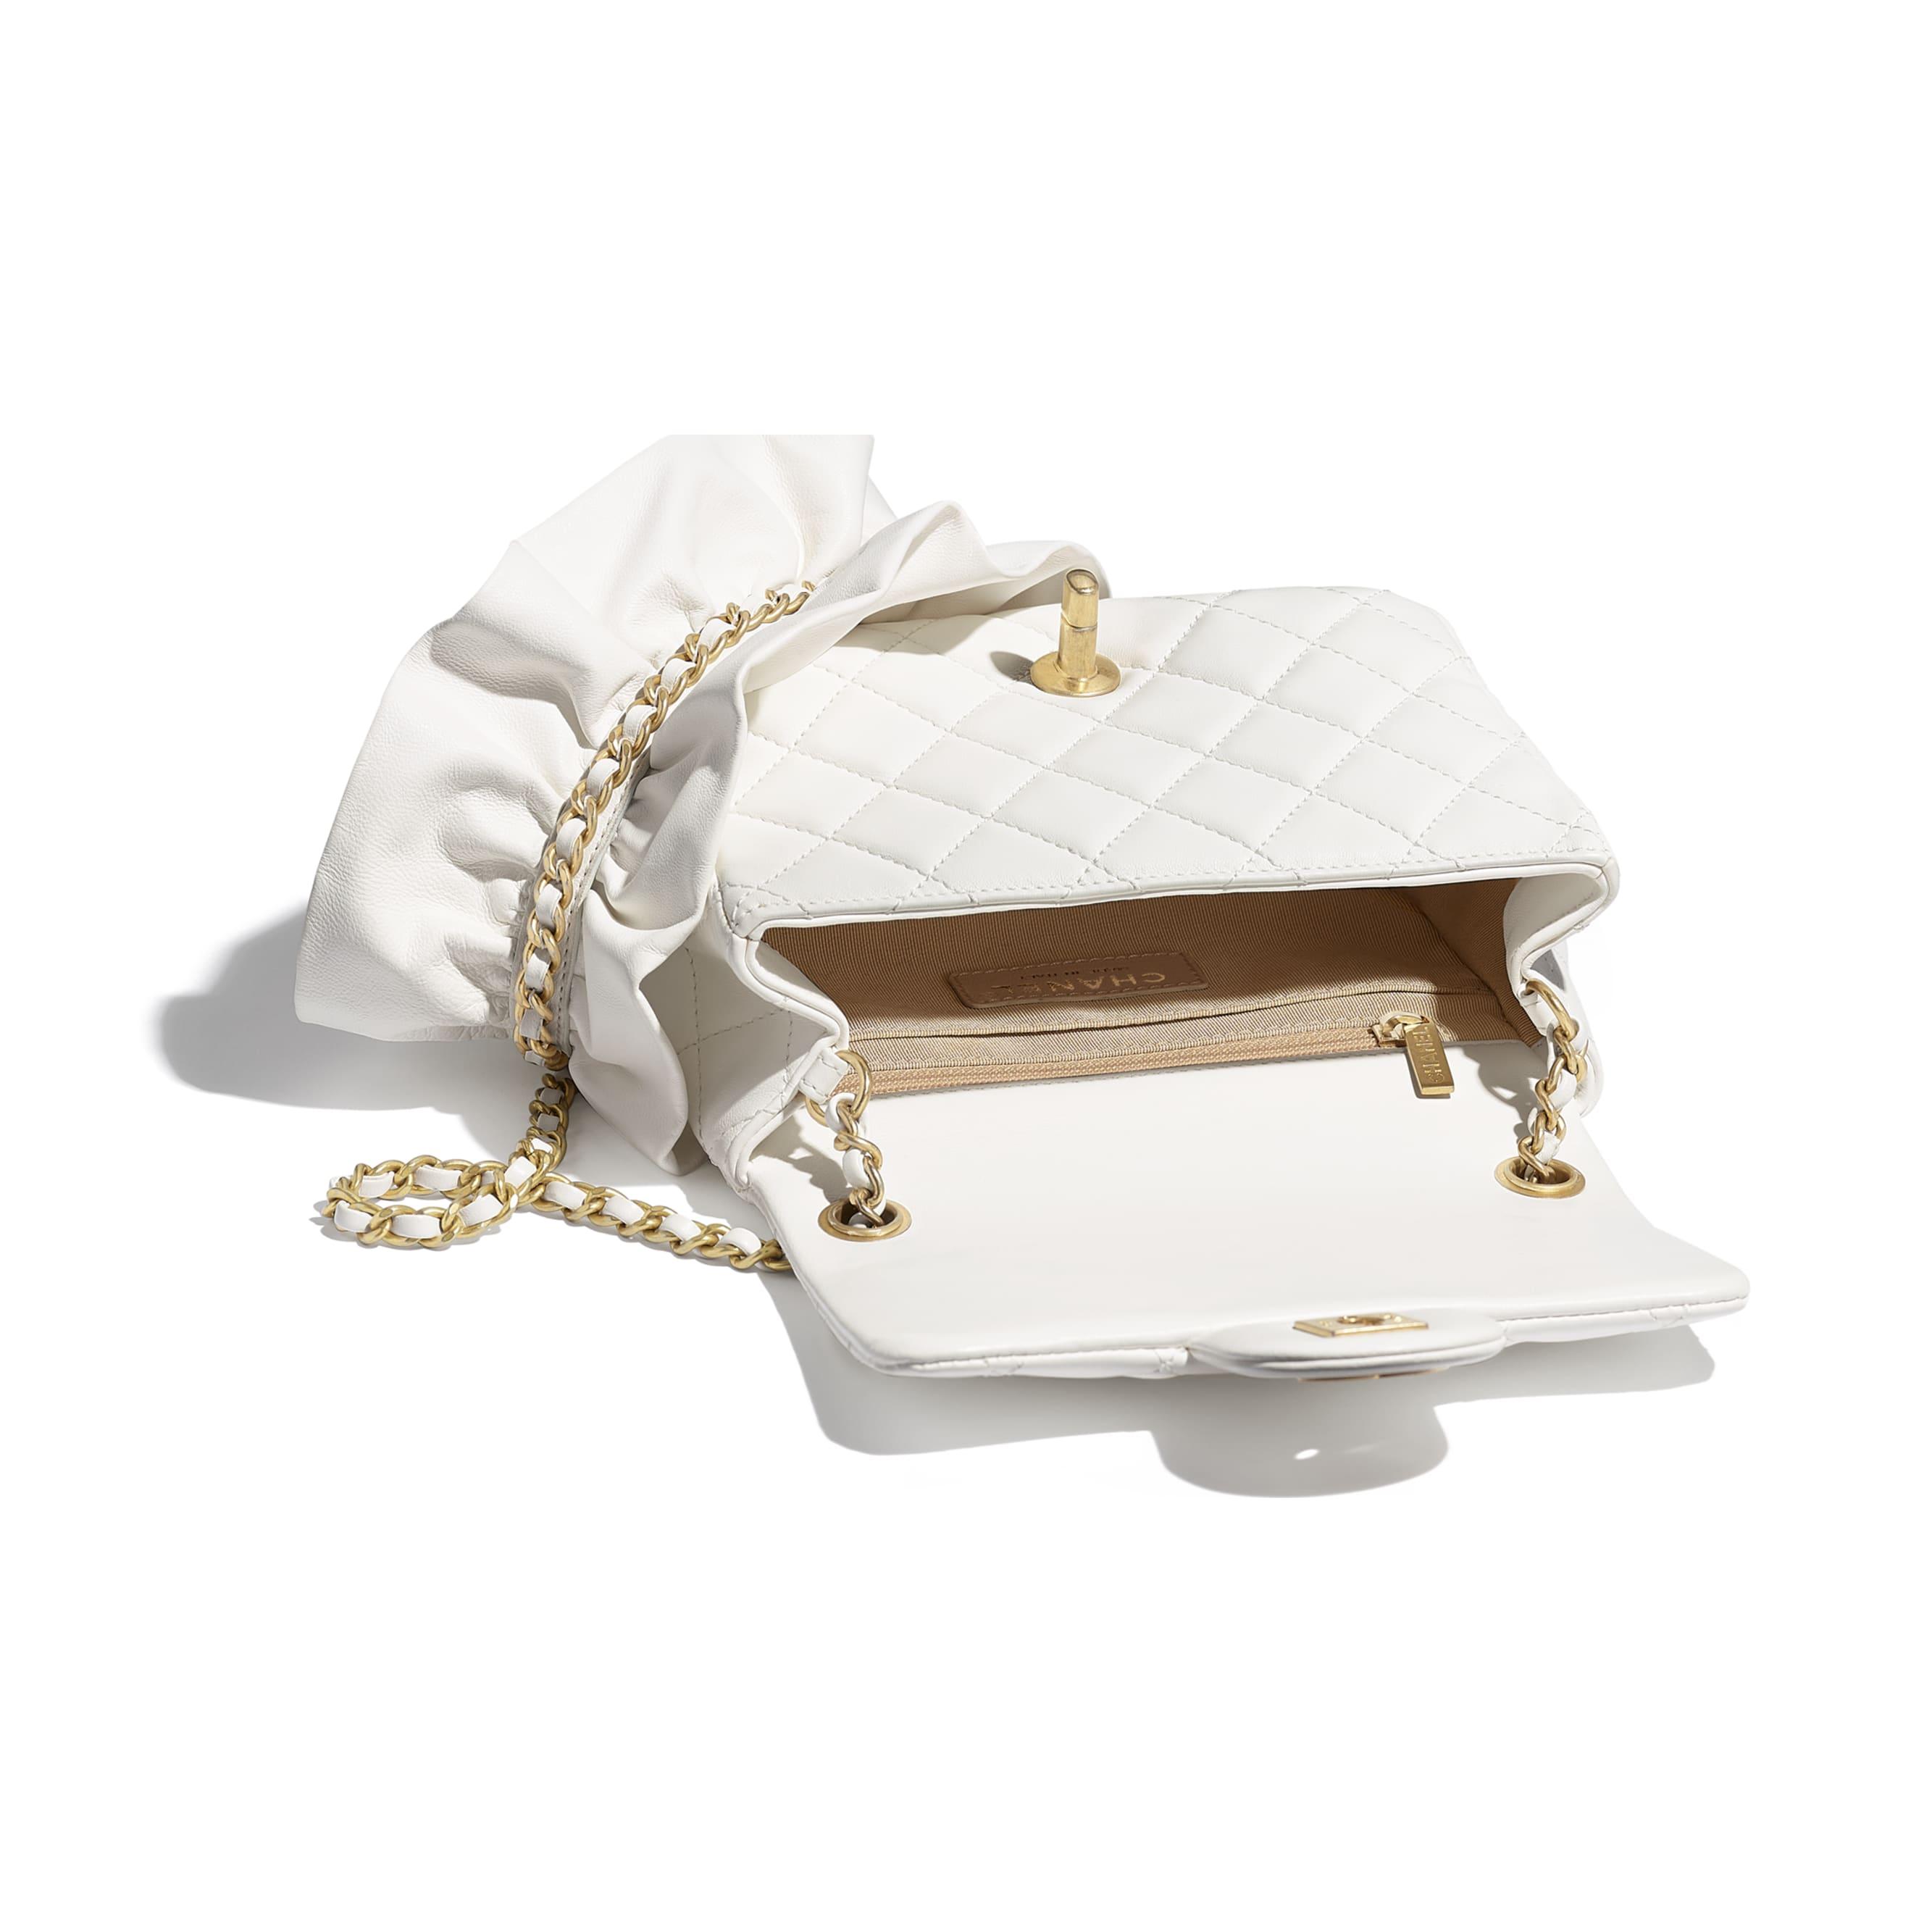 細號垂蓋手袋 - 白色 - 小羊皮及金色金屬 - CHANEL - 其他視圖 - 查看標準尺寸版本